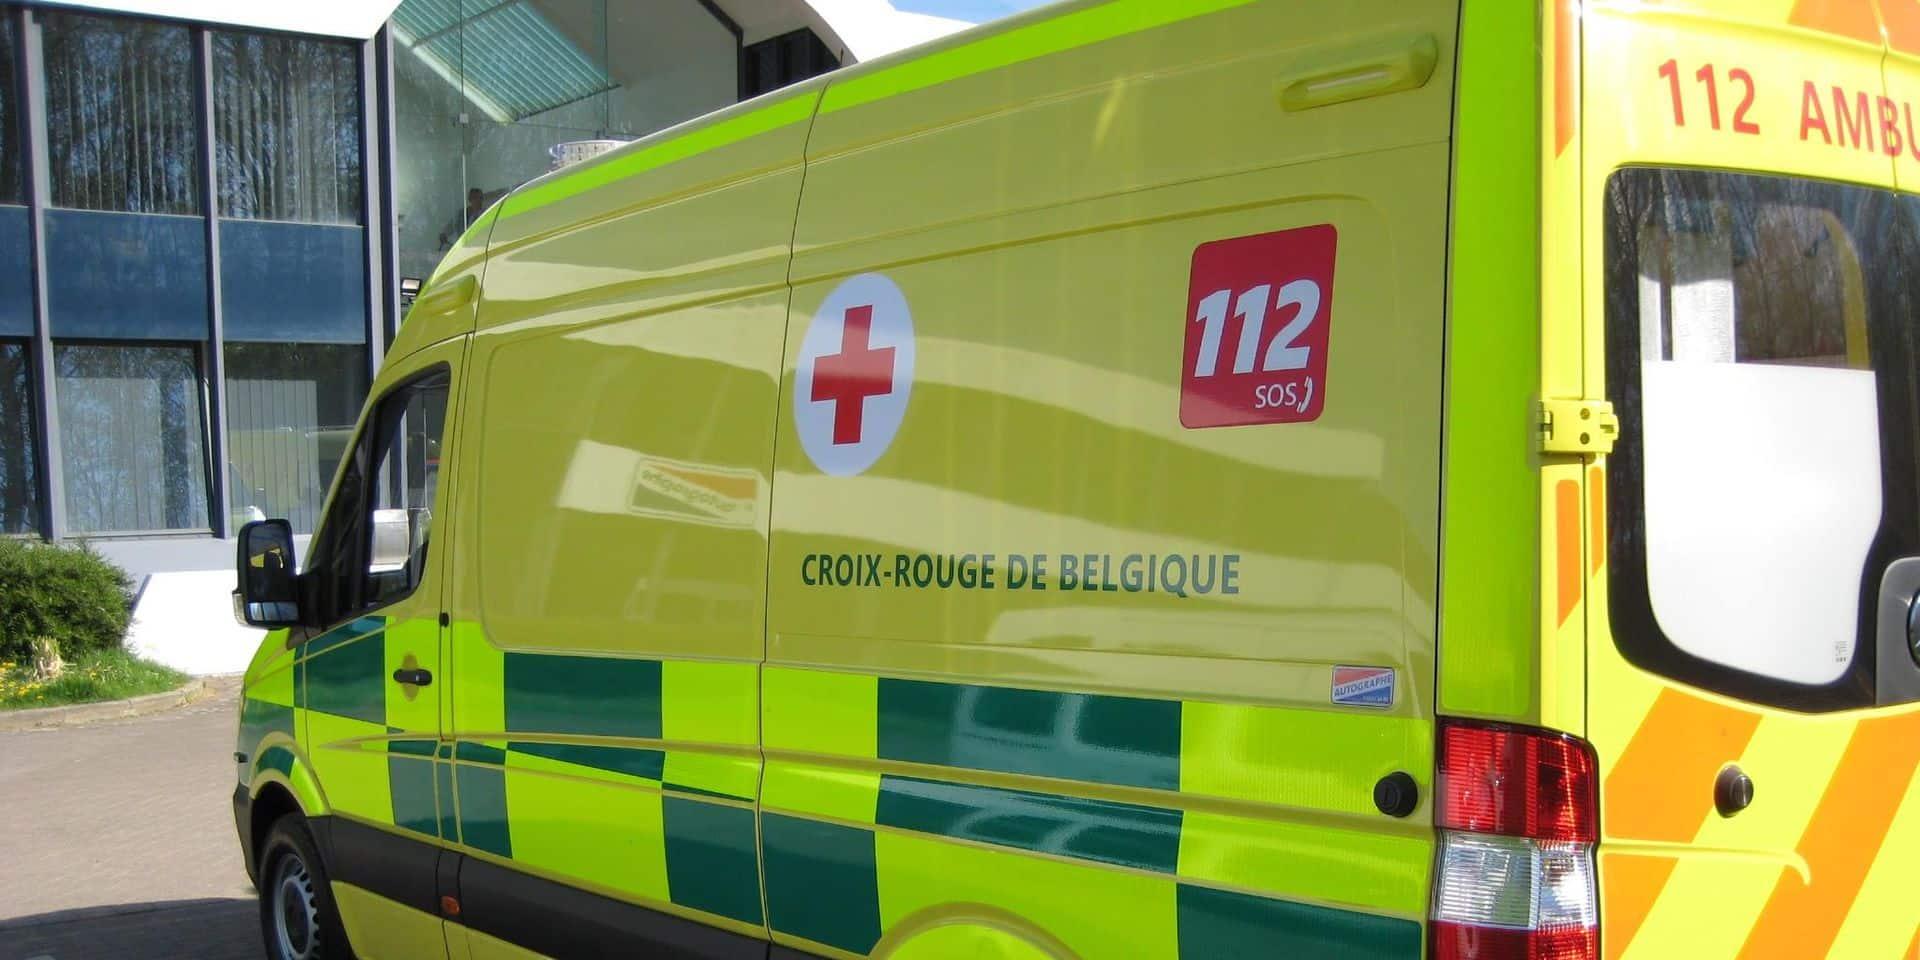 Fêtes de Wallonie: 160 secouristes, 3 postes médicaux, 9 ambulances